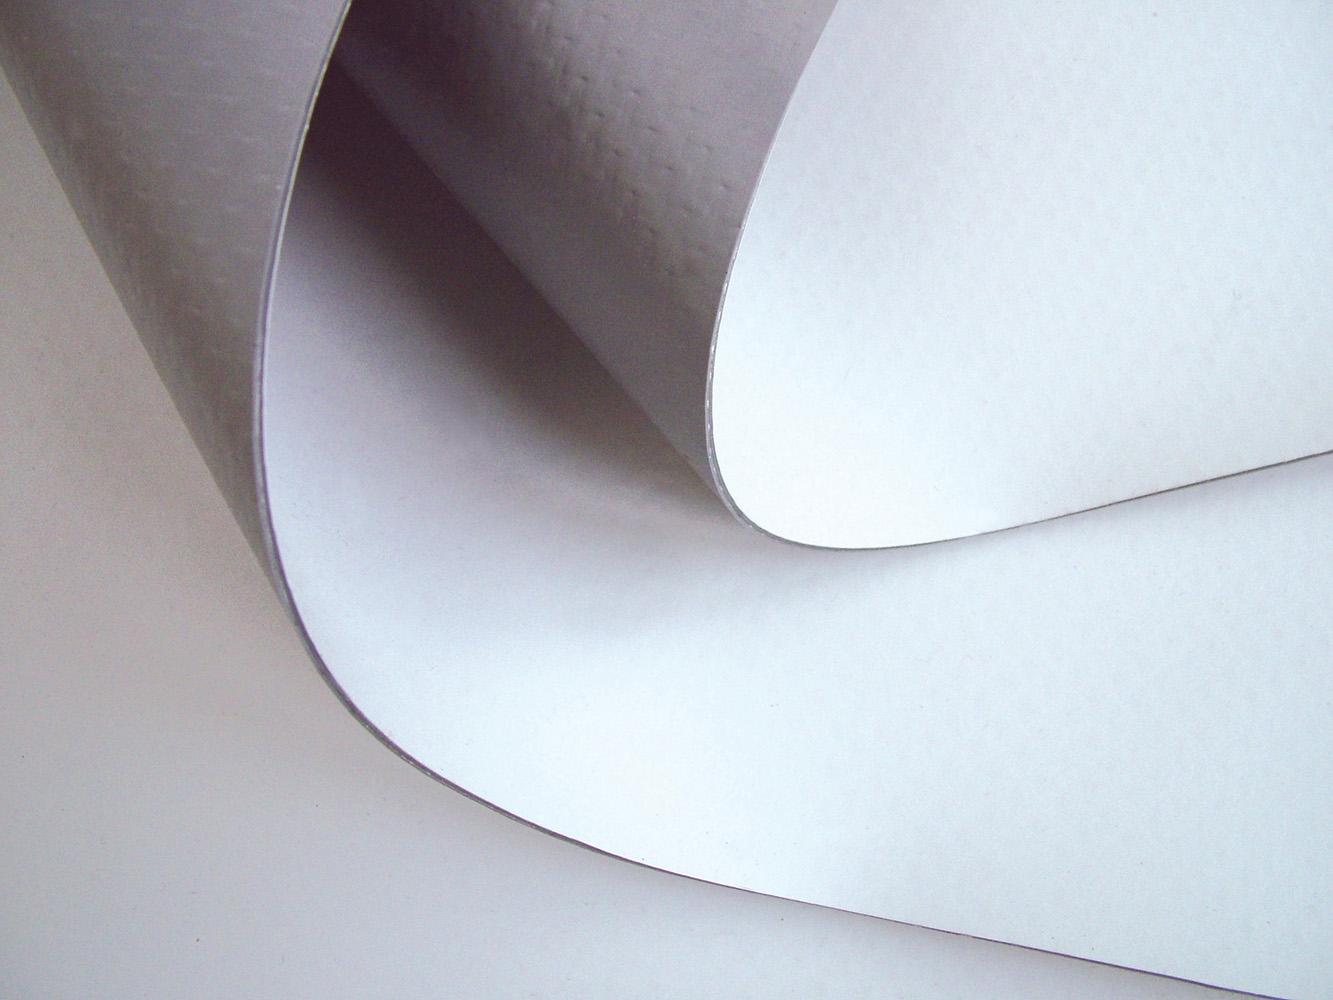 Hydroizolační fólie z PVC-P ALKORPLAN 35177 k přitížení 1,8 mm, šíře 2,10 m